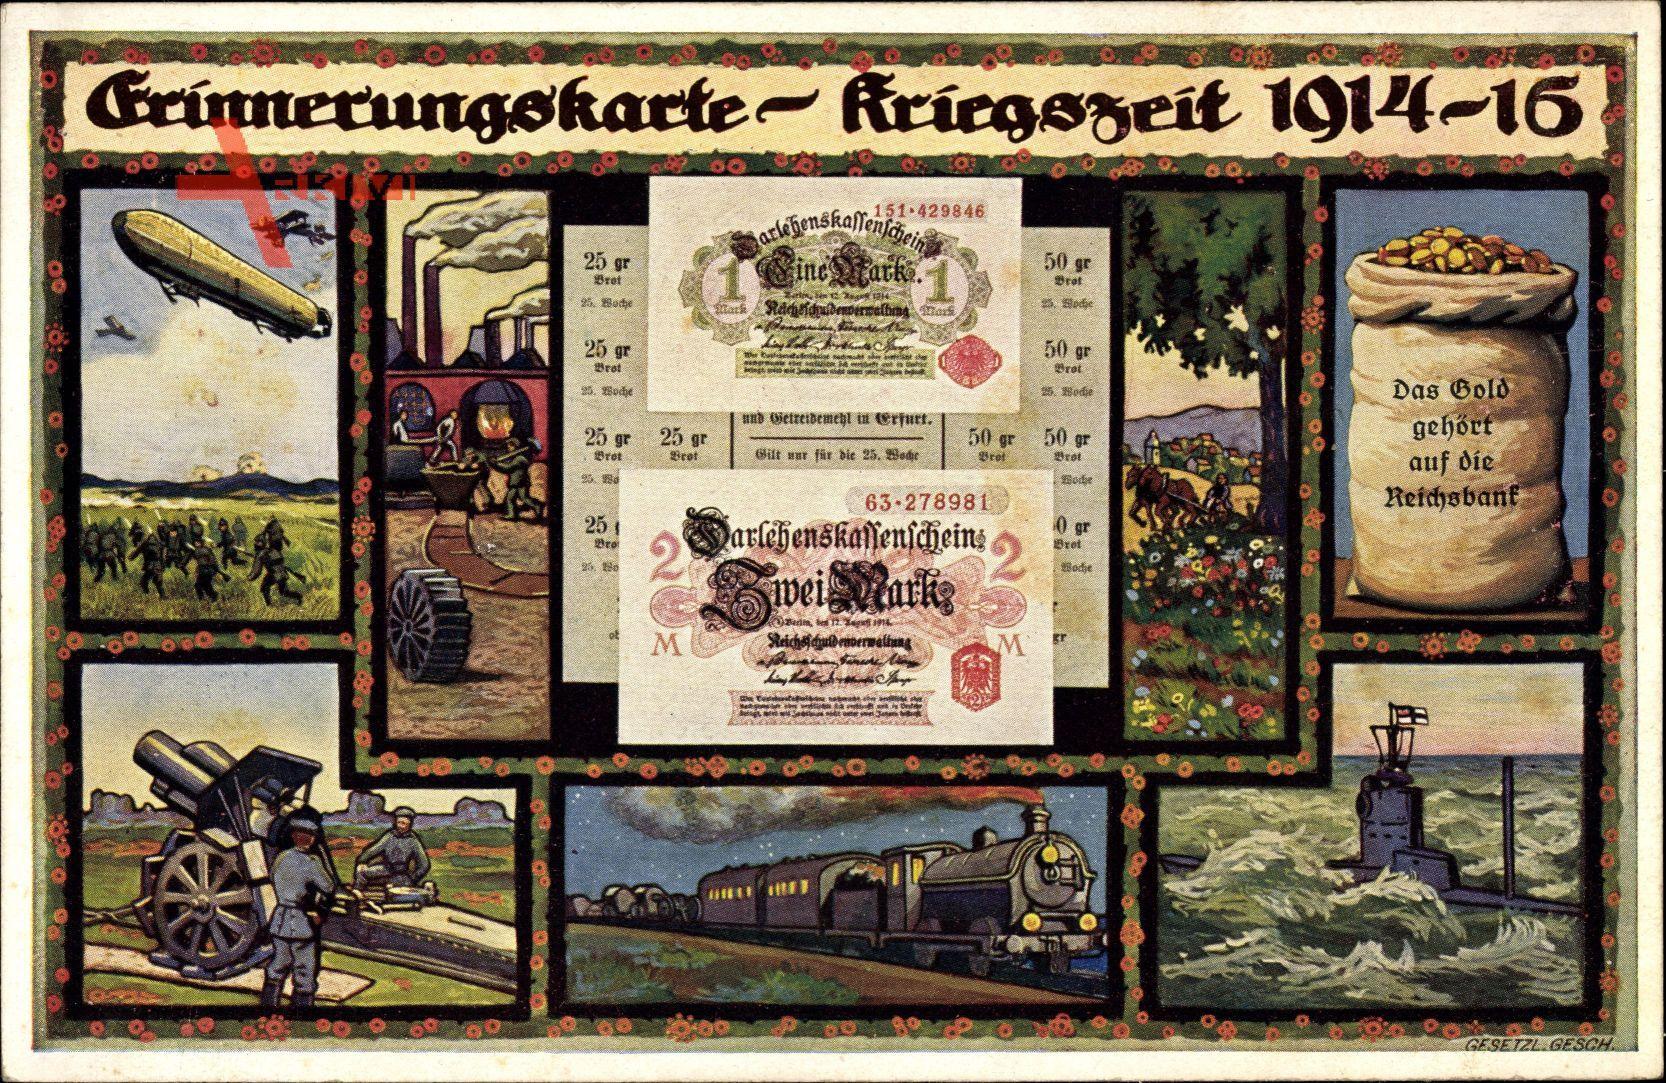 Geldschein Erinnerungskarte, Kriegszeit 1914 bis 1916, Darlehenskassenschein